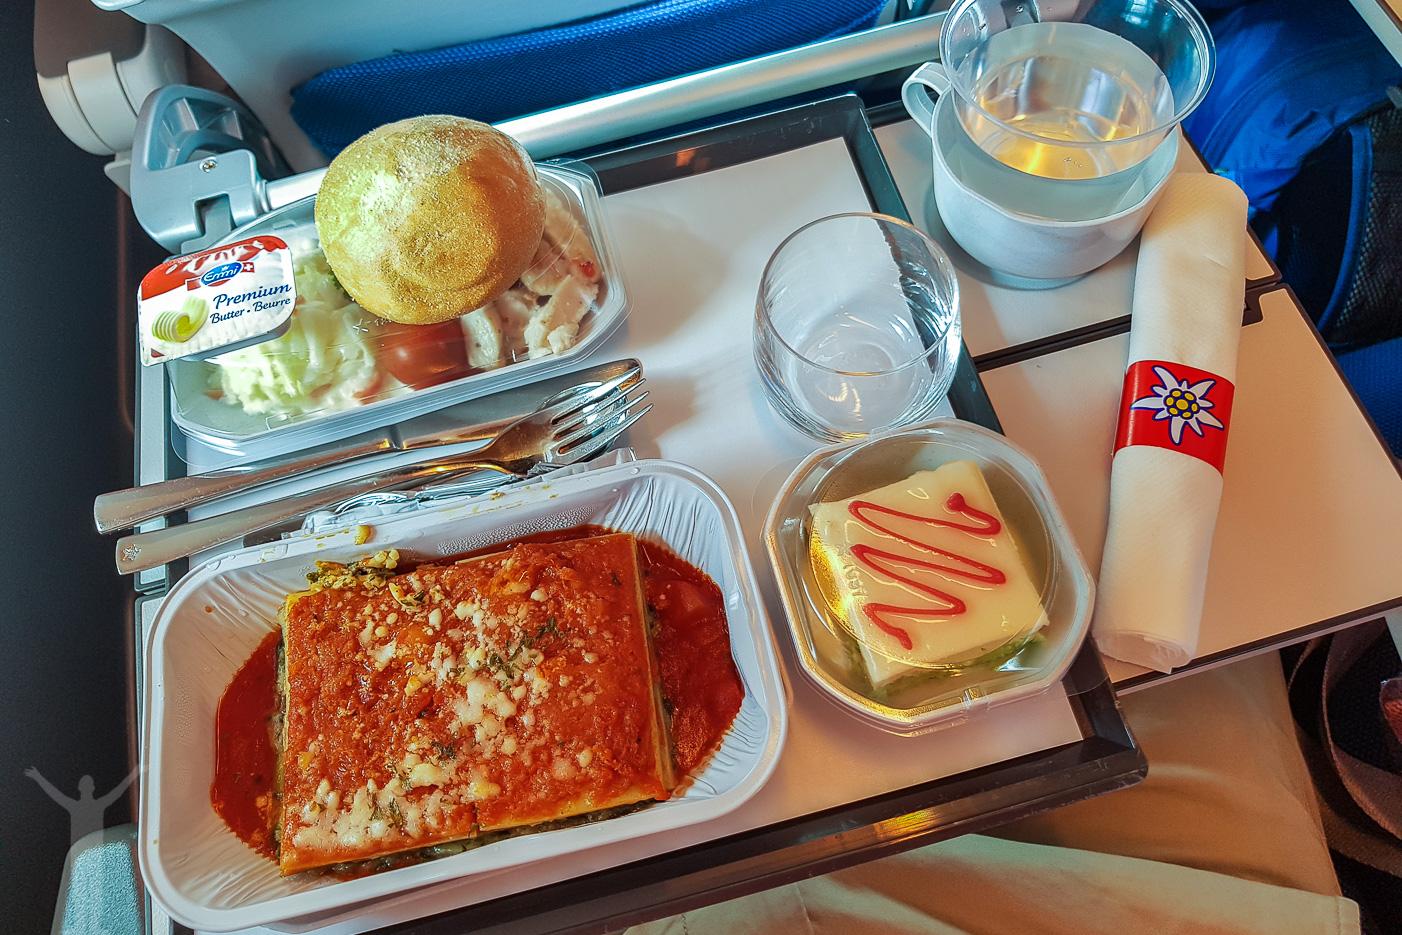 Middag i ekonomiklass på Edelweiss Air